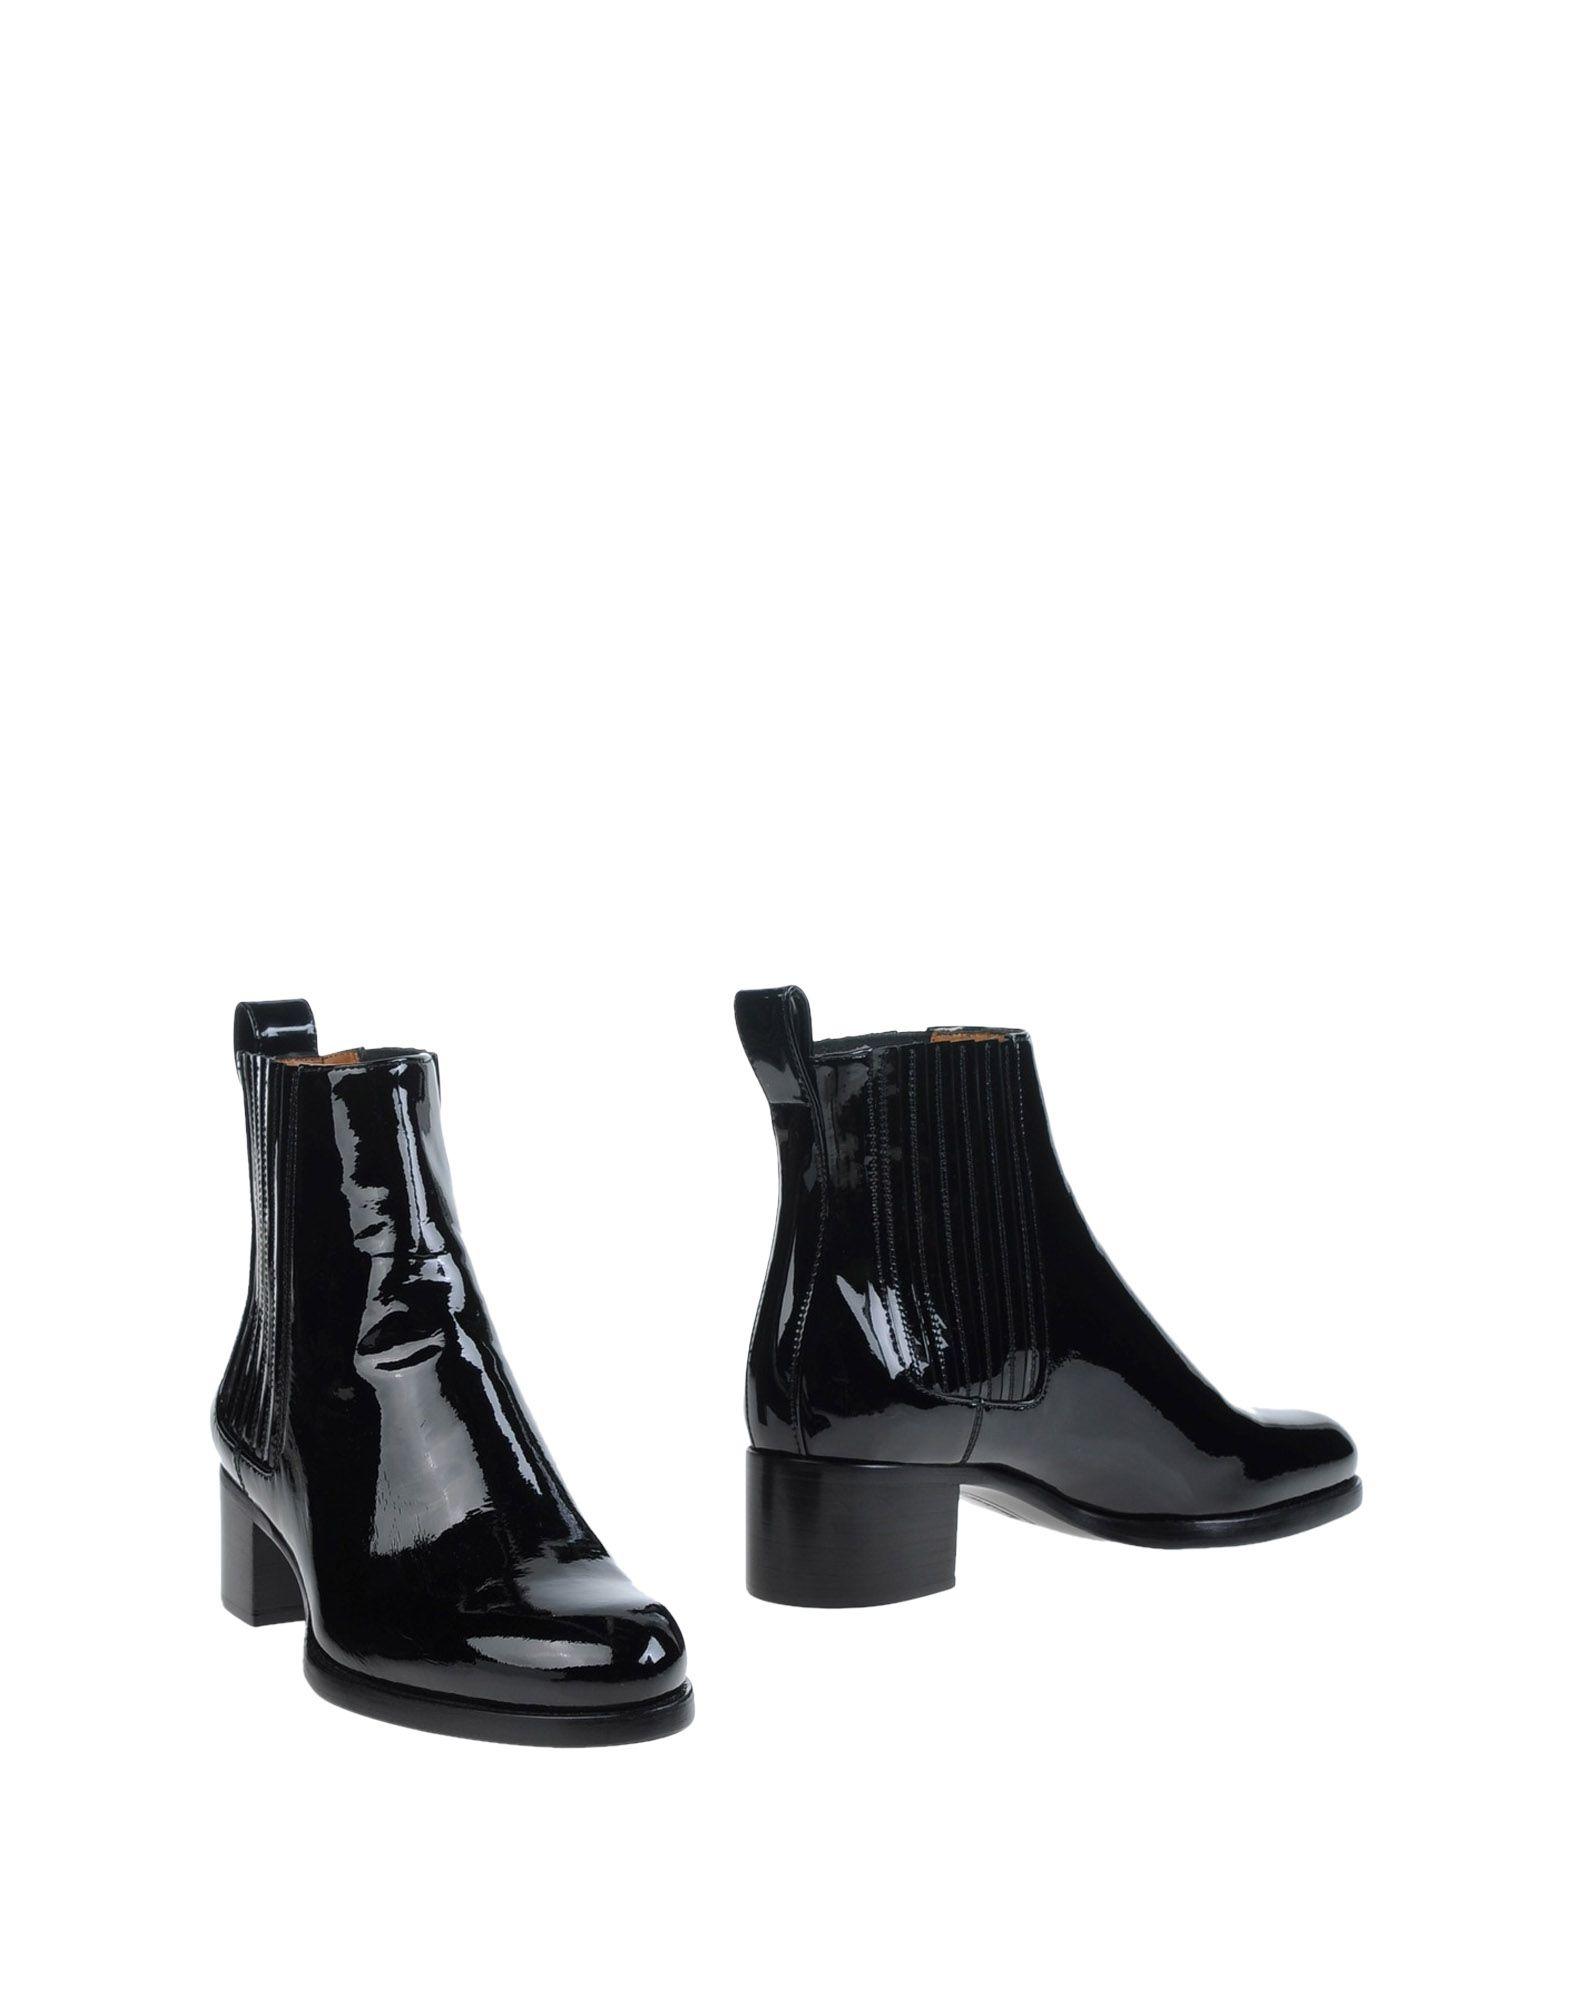 VERONIQUE BRANQUINHO Полусапоги и высокие ботинки veronique branquinho полусапоги и высокие ботинки page 1